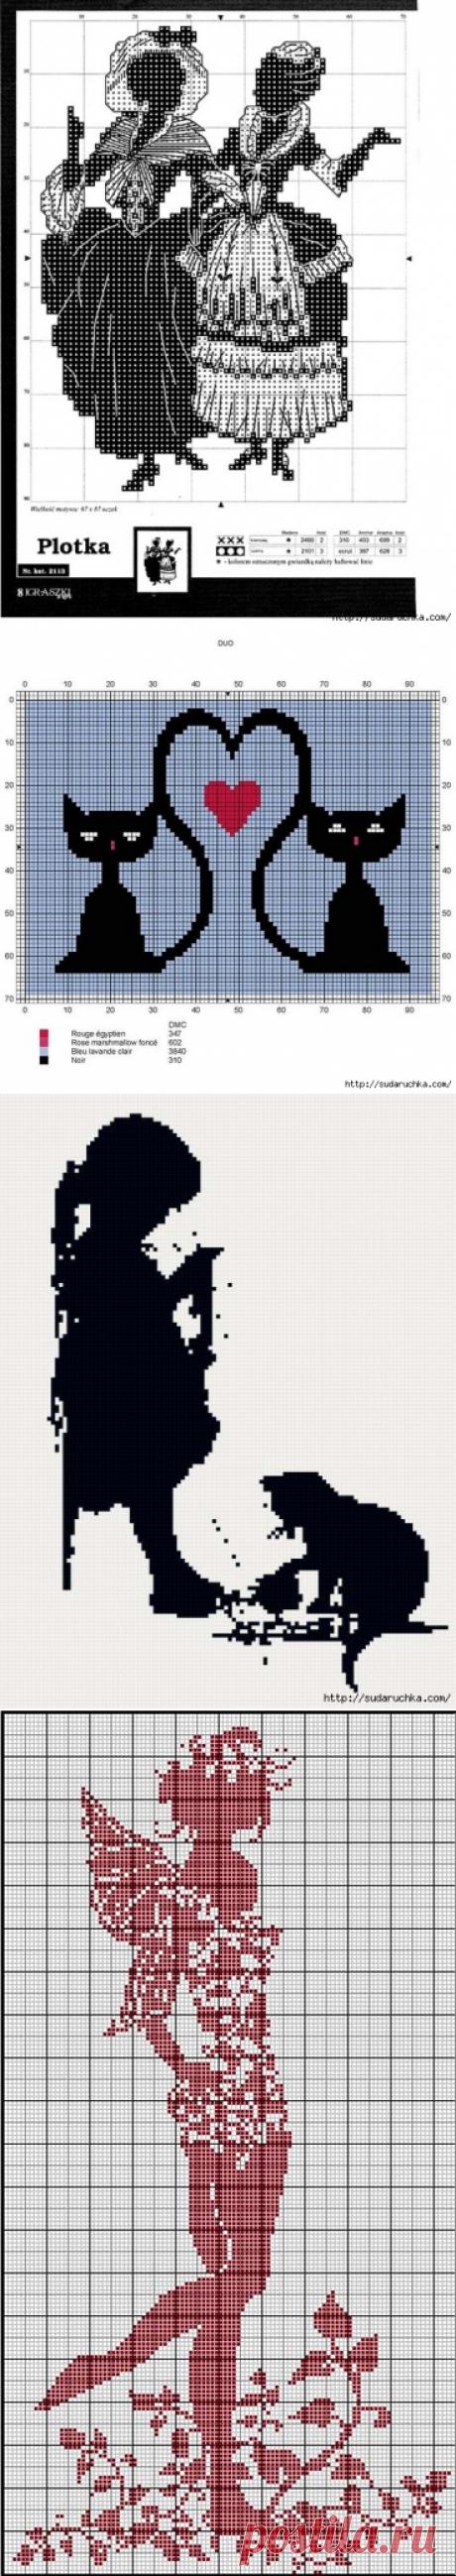 монохромная вышивка | Записи в рубрике монохромная вышивка | Дневник Юлия_Ж